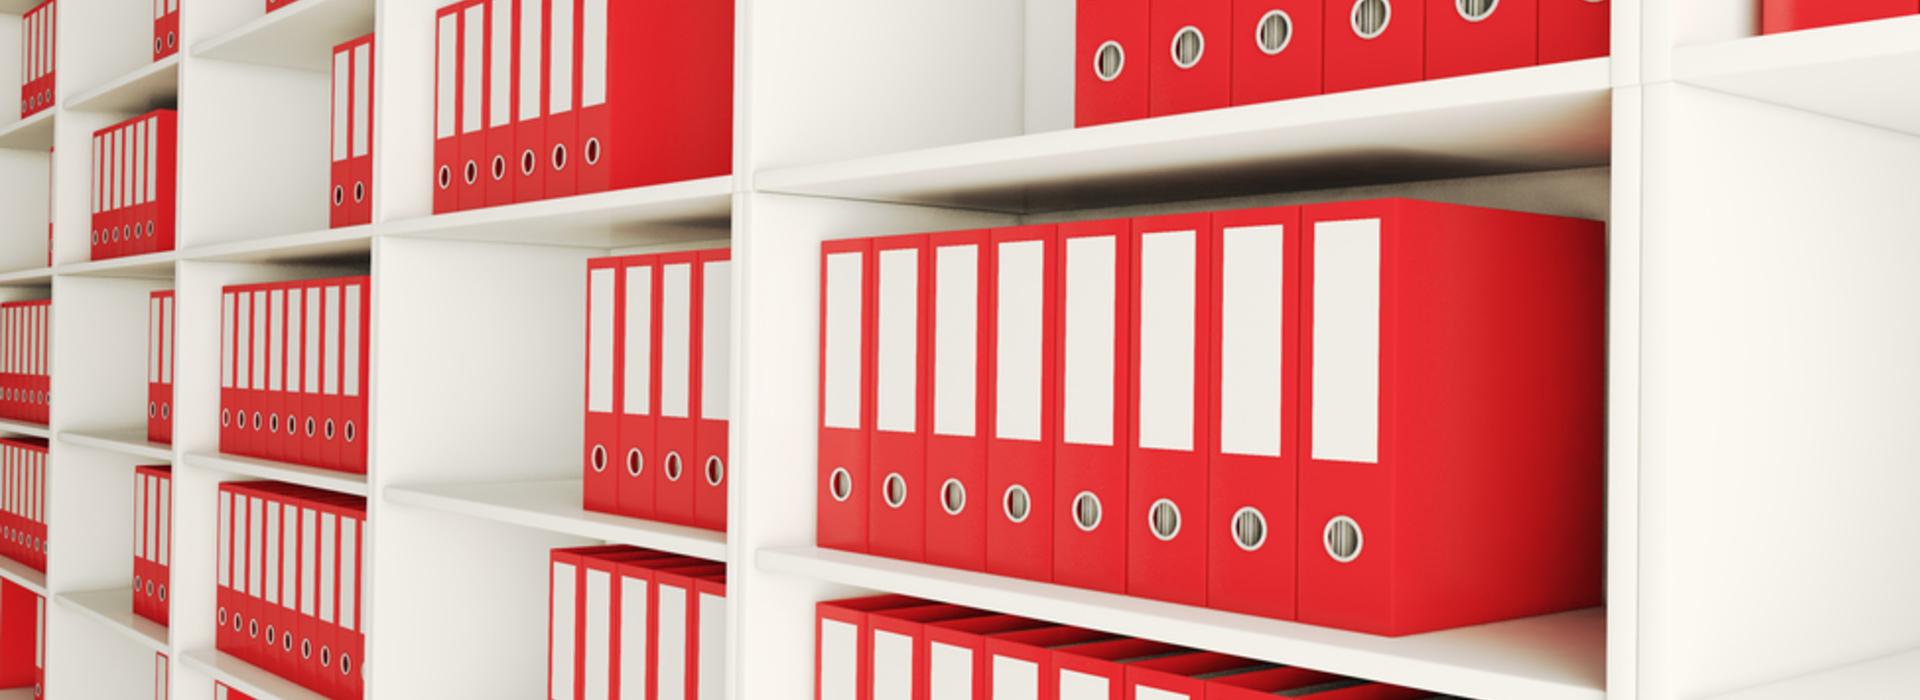 Архивный отдел управления делами